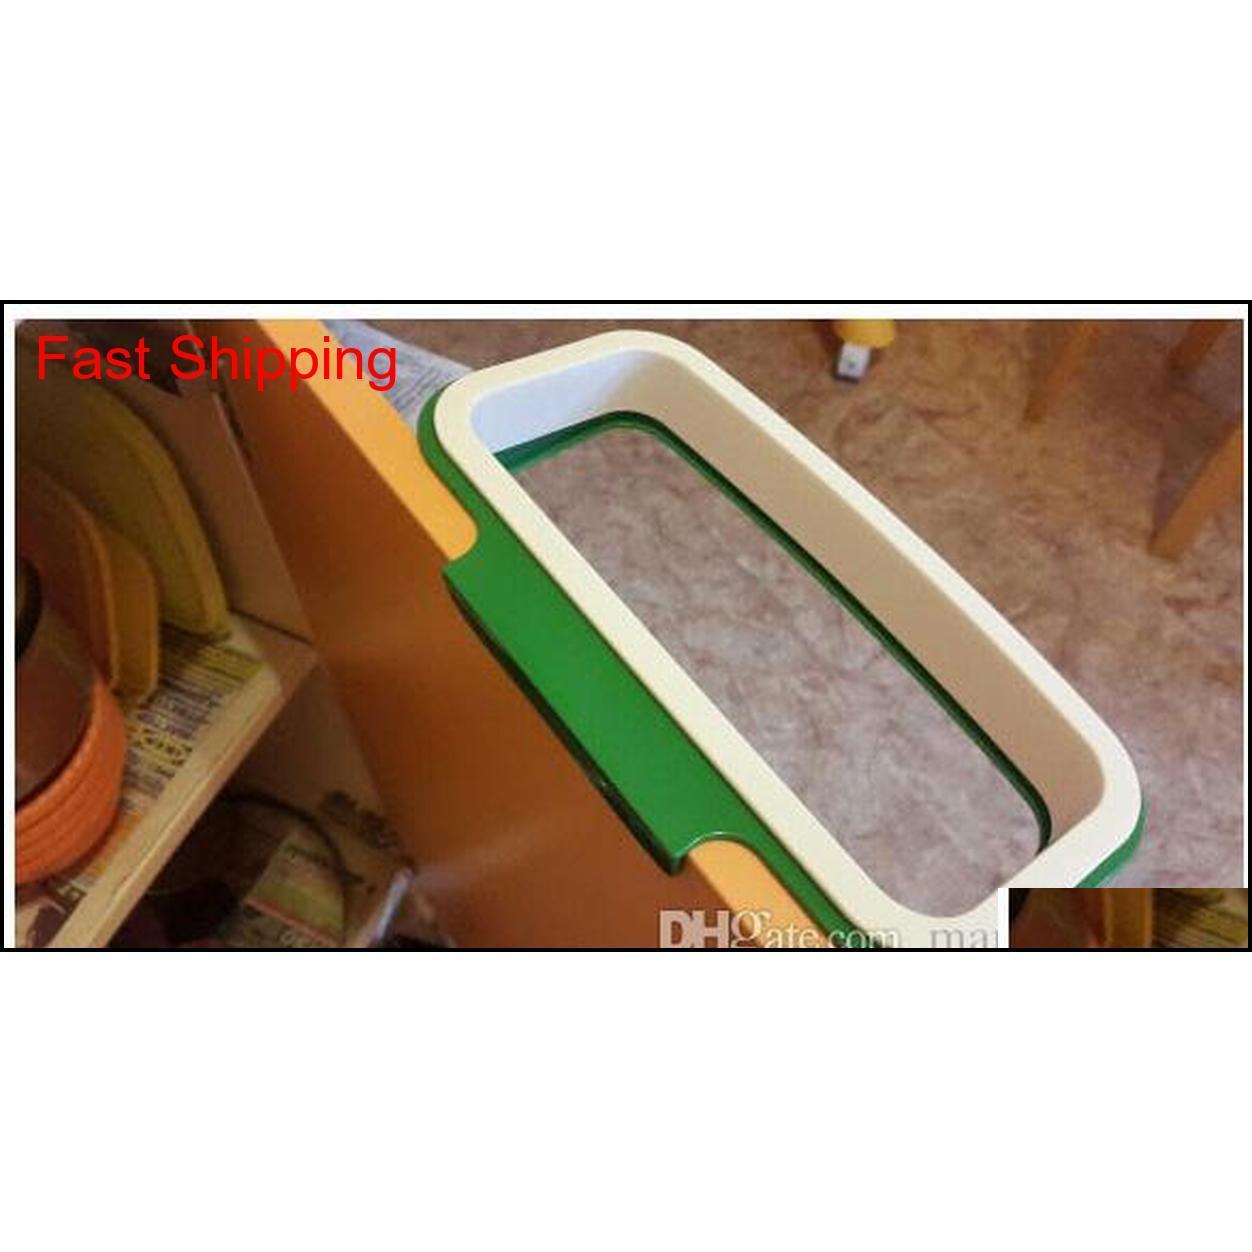 10 шт. / Лот мешок для мусора хранения держатель стойки кухонный шкаф шкаф дверь висит мусорный мусорщик мешок хранения Qyllgf Packing2010